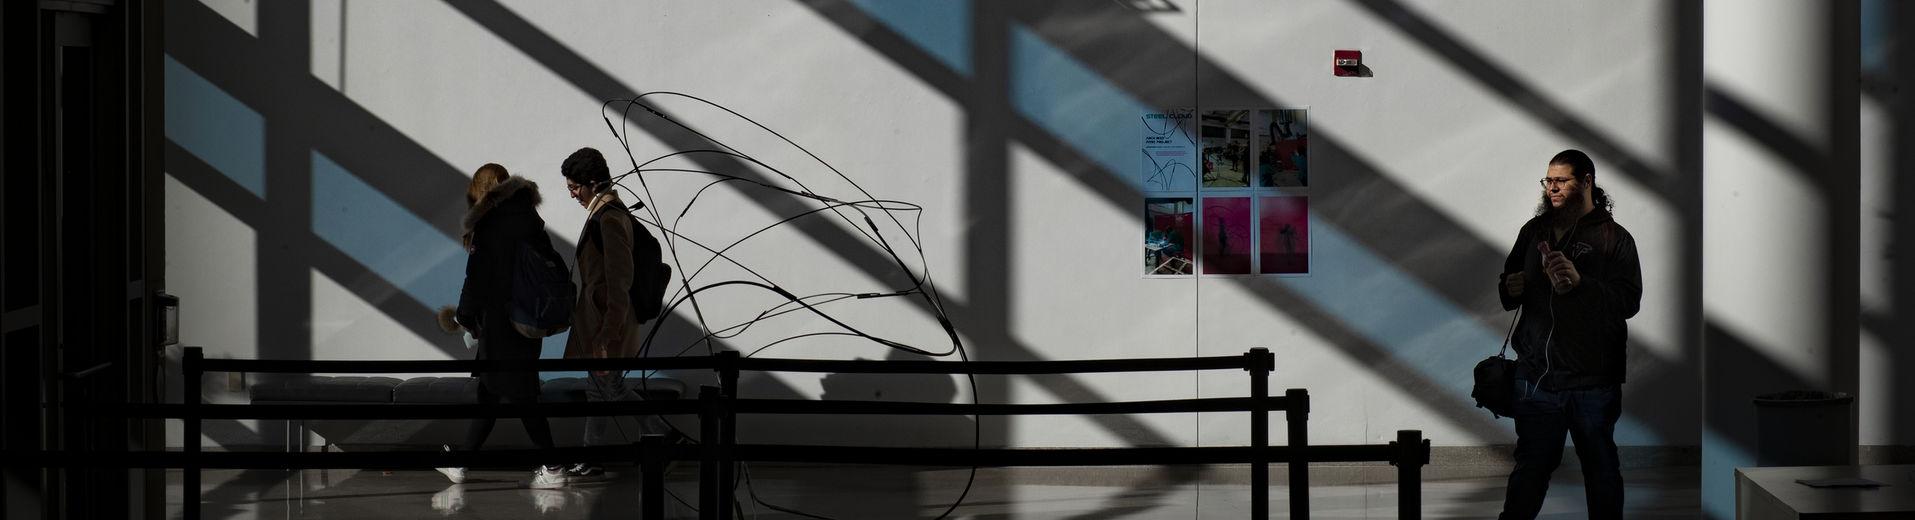 an art student admiring an abstract sculpture.